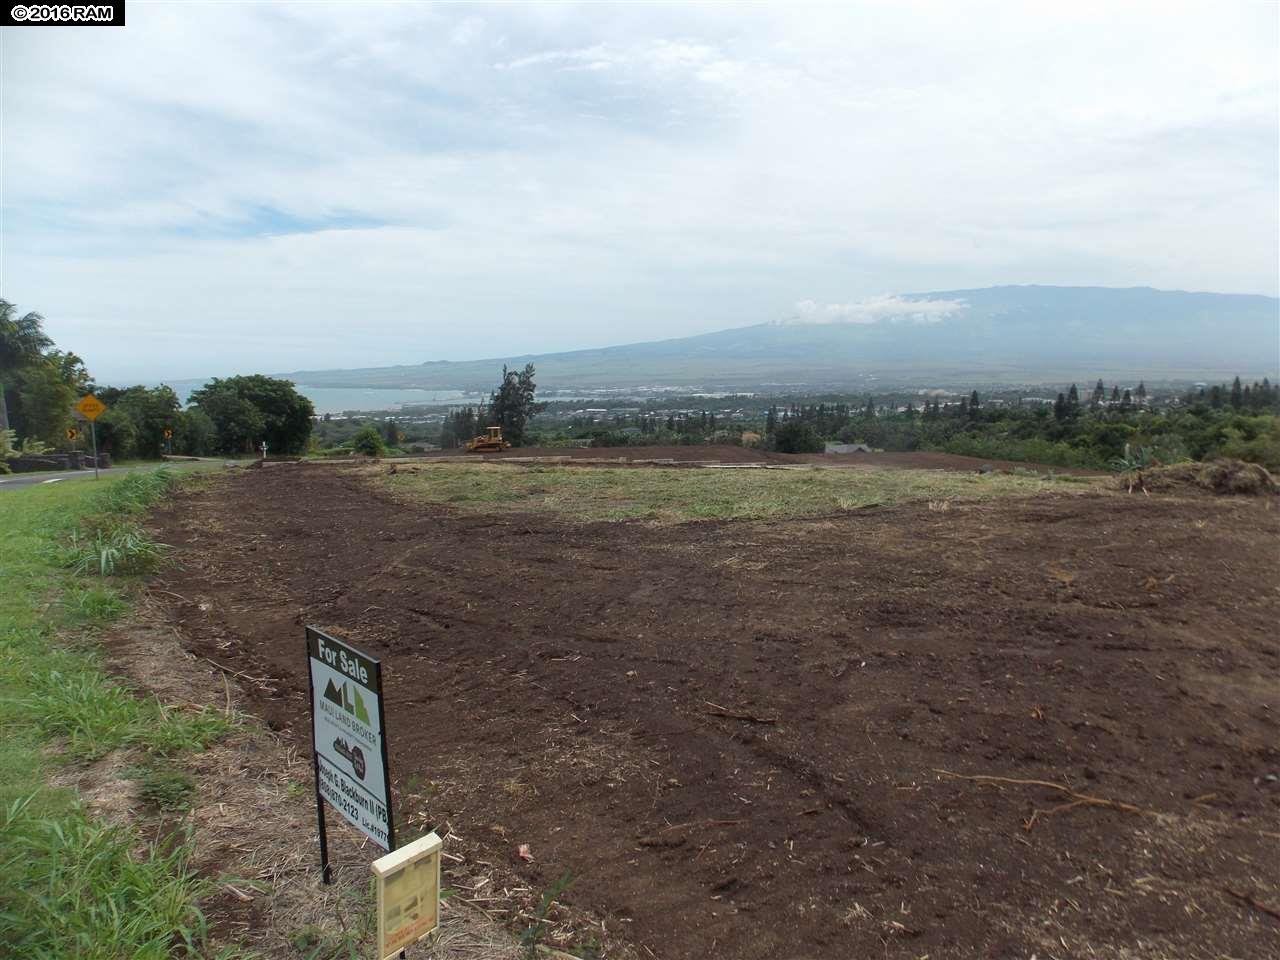 2301 Kamaile St PO Box Wailuku, Hi 96793 vacant land - photo 27 of 28